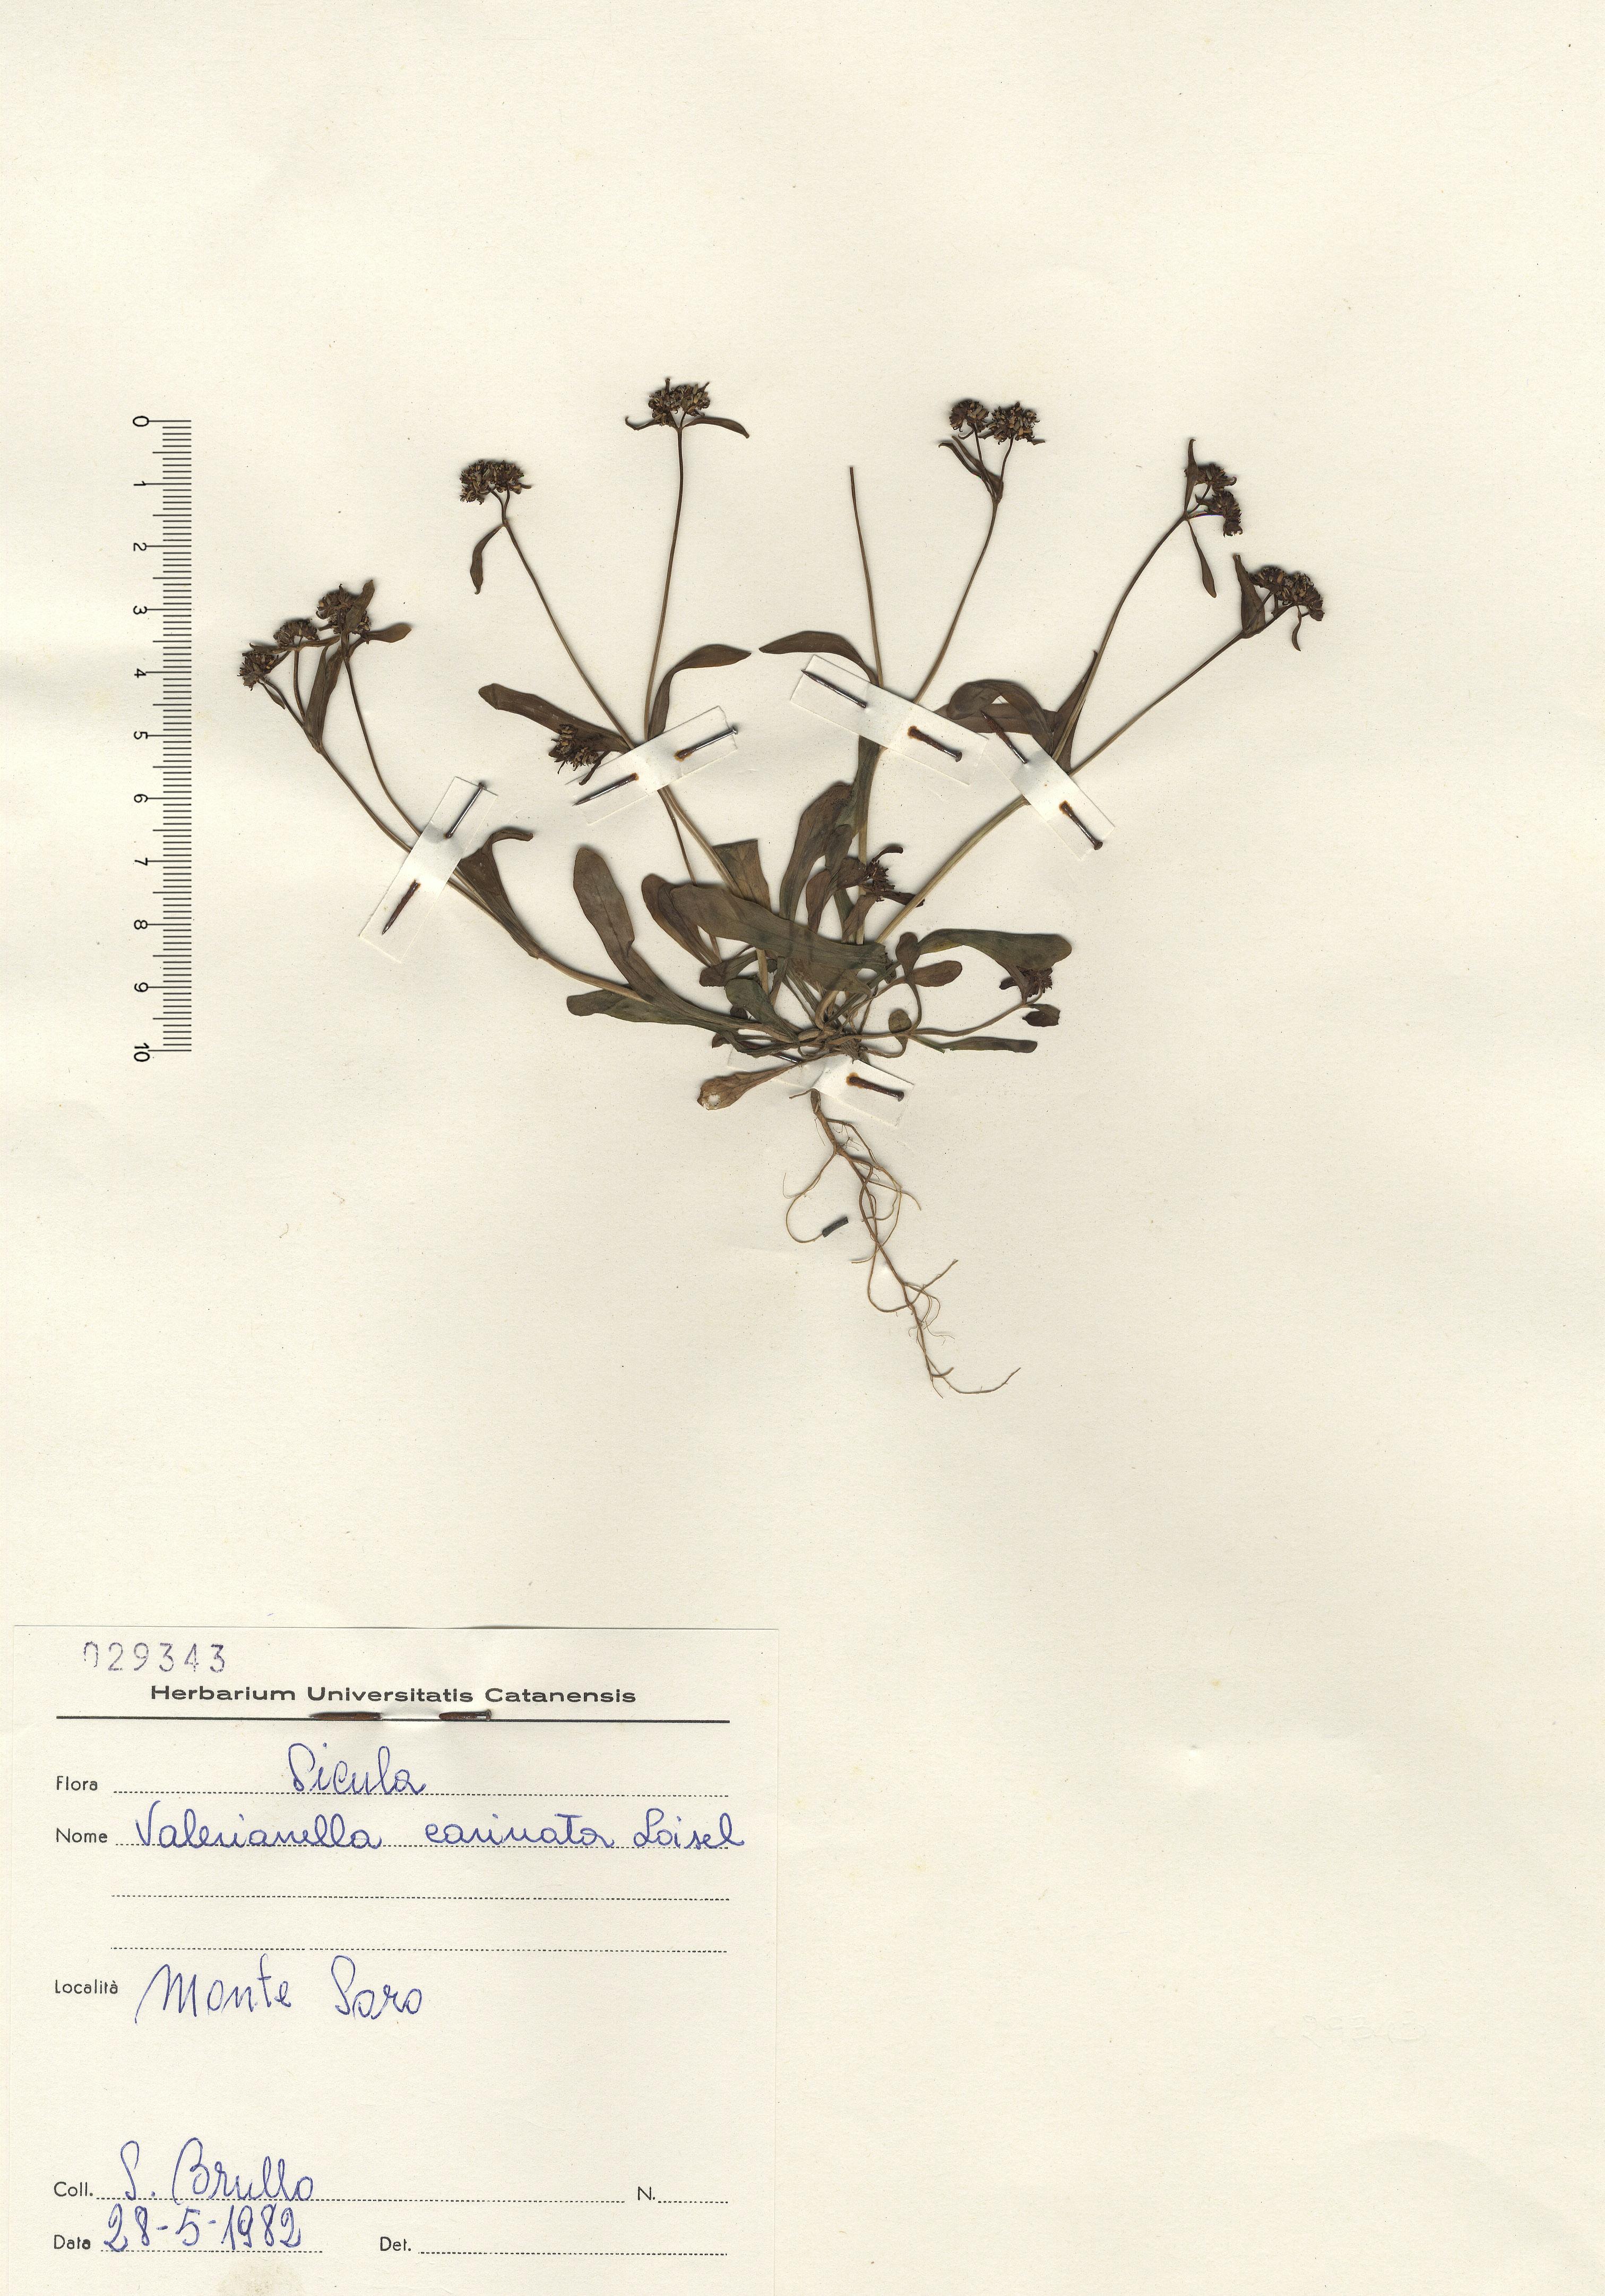 © Hortus Botanicus Catinensis - Herb. sheet 029343<br>